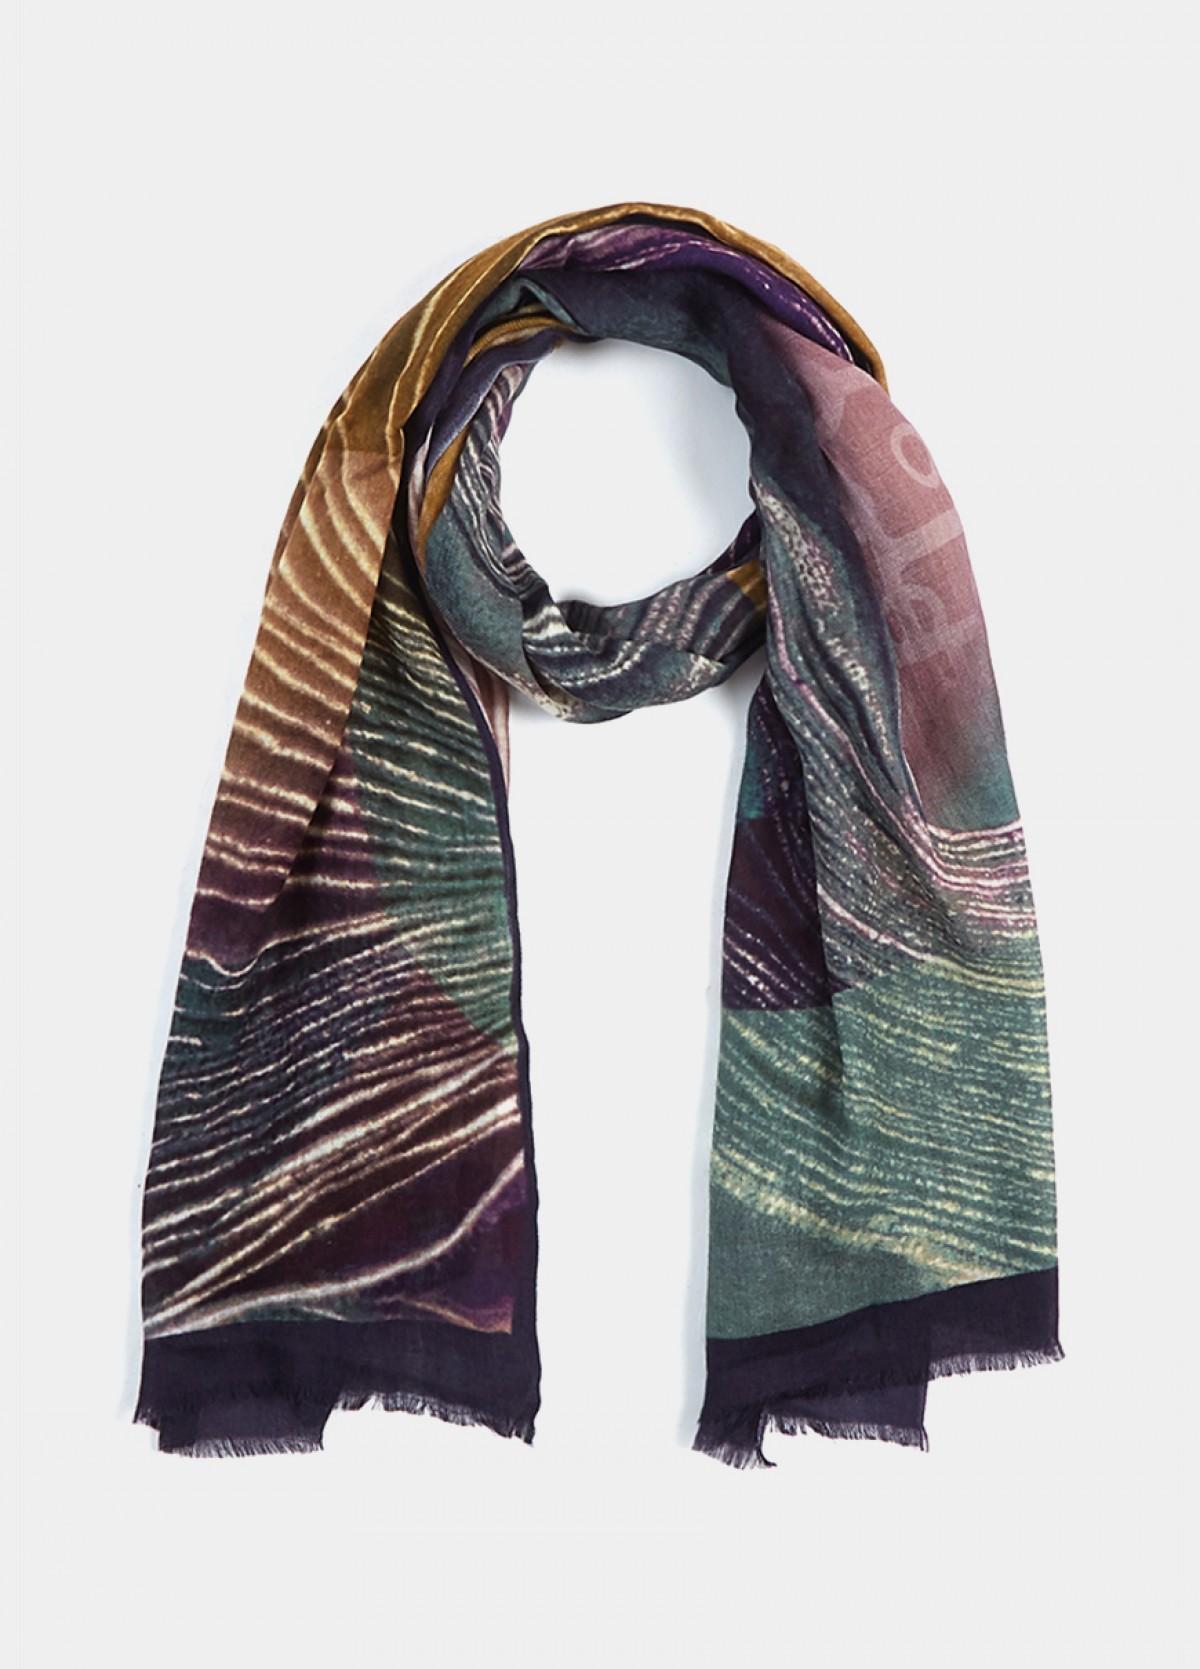 The Wool Silk Shawls